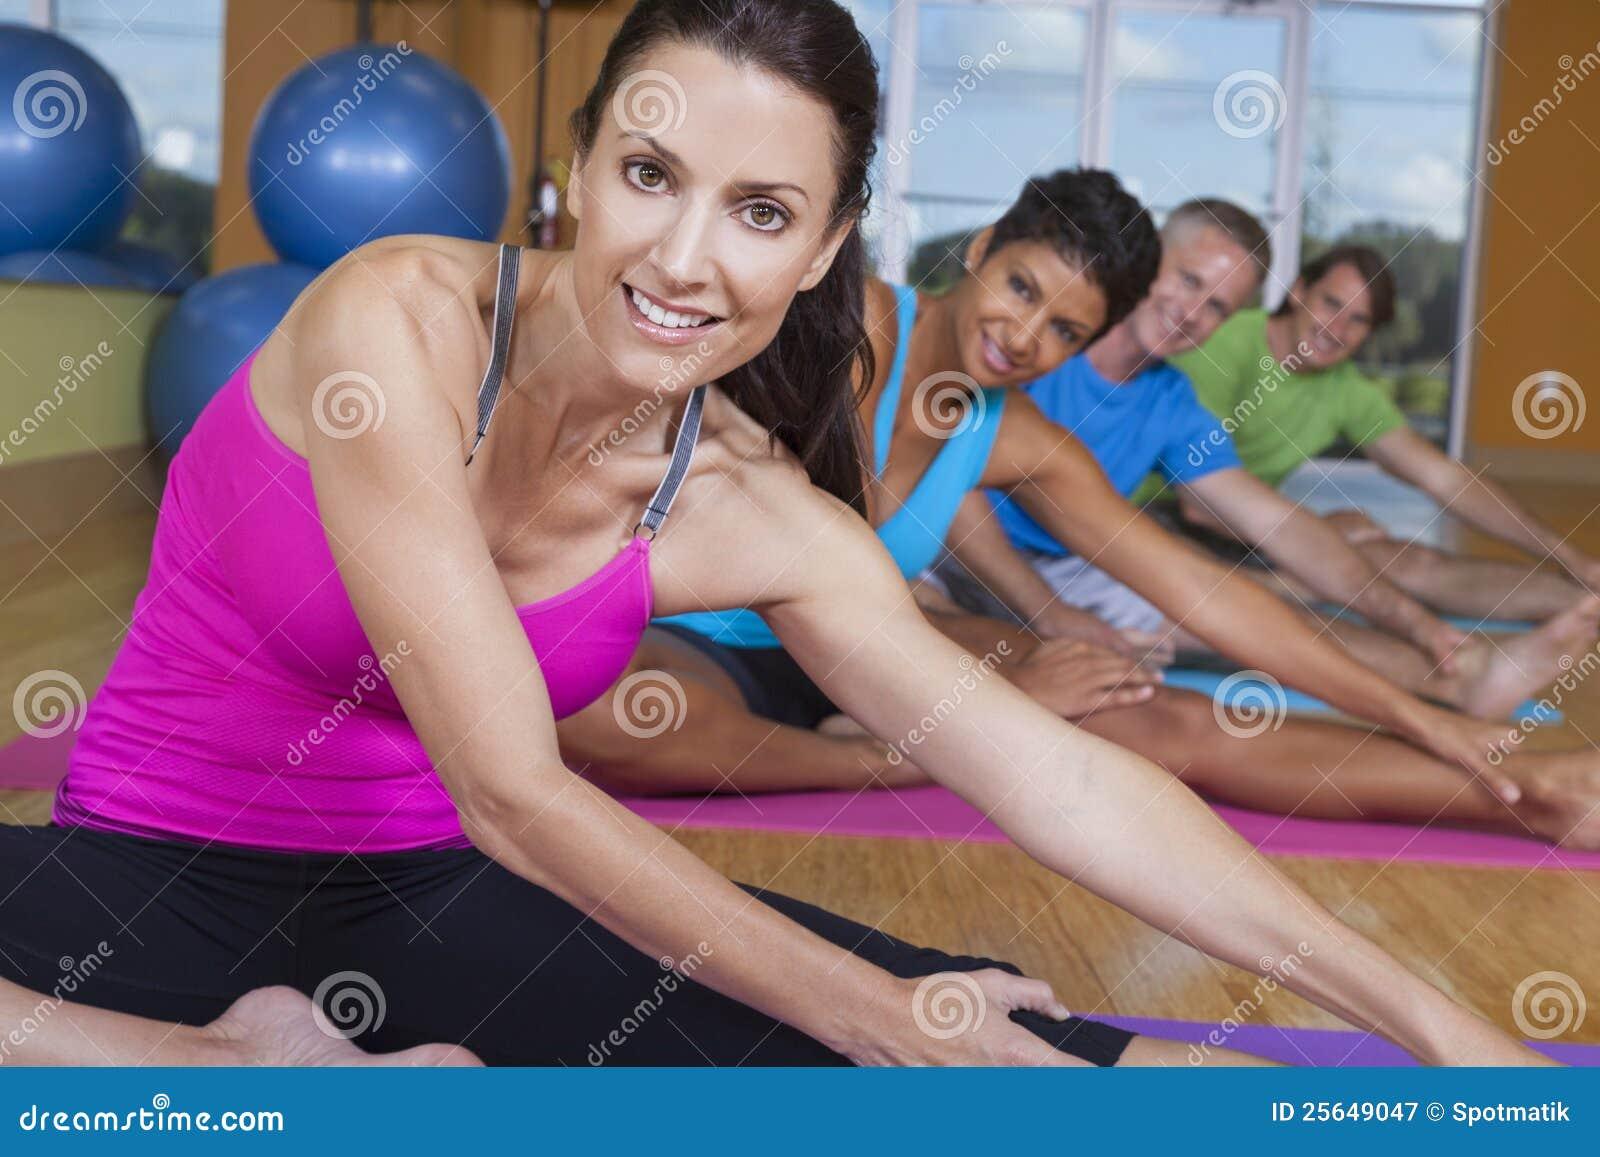 Yoga practicante del grupo de personas interracial